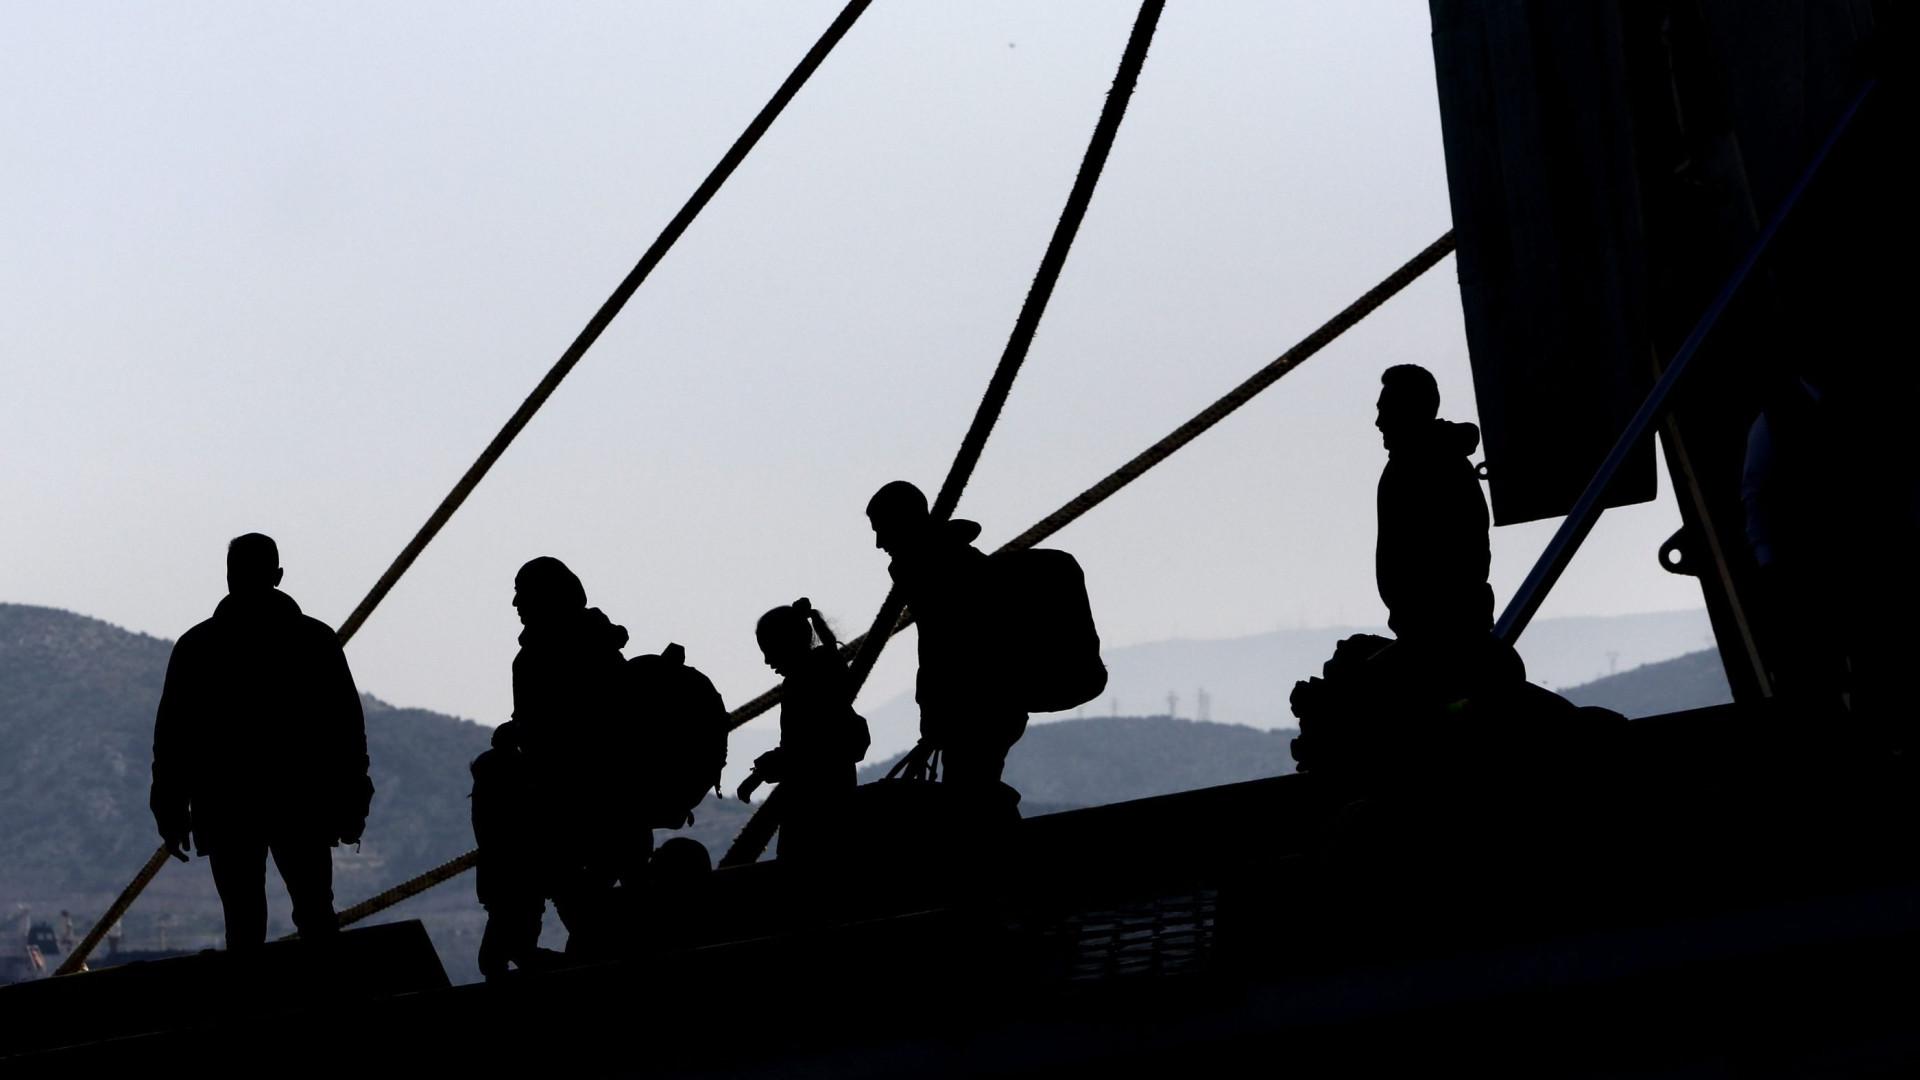 Ao menos 2,5 milhões de pessoas recorreram a traficantes para migrarem